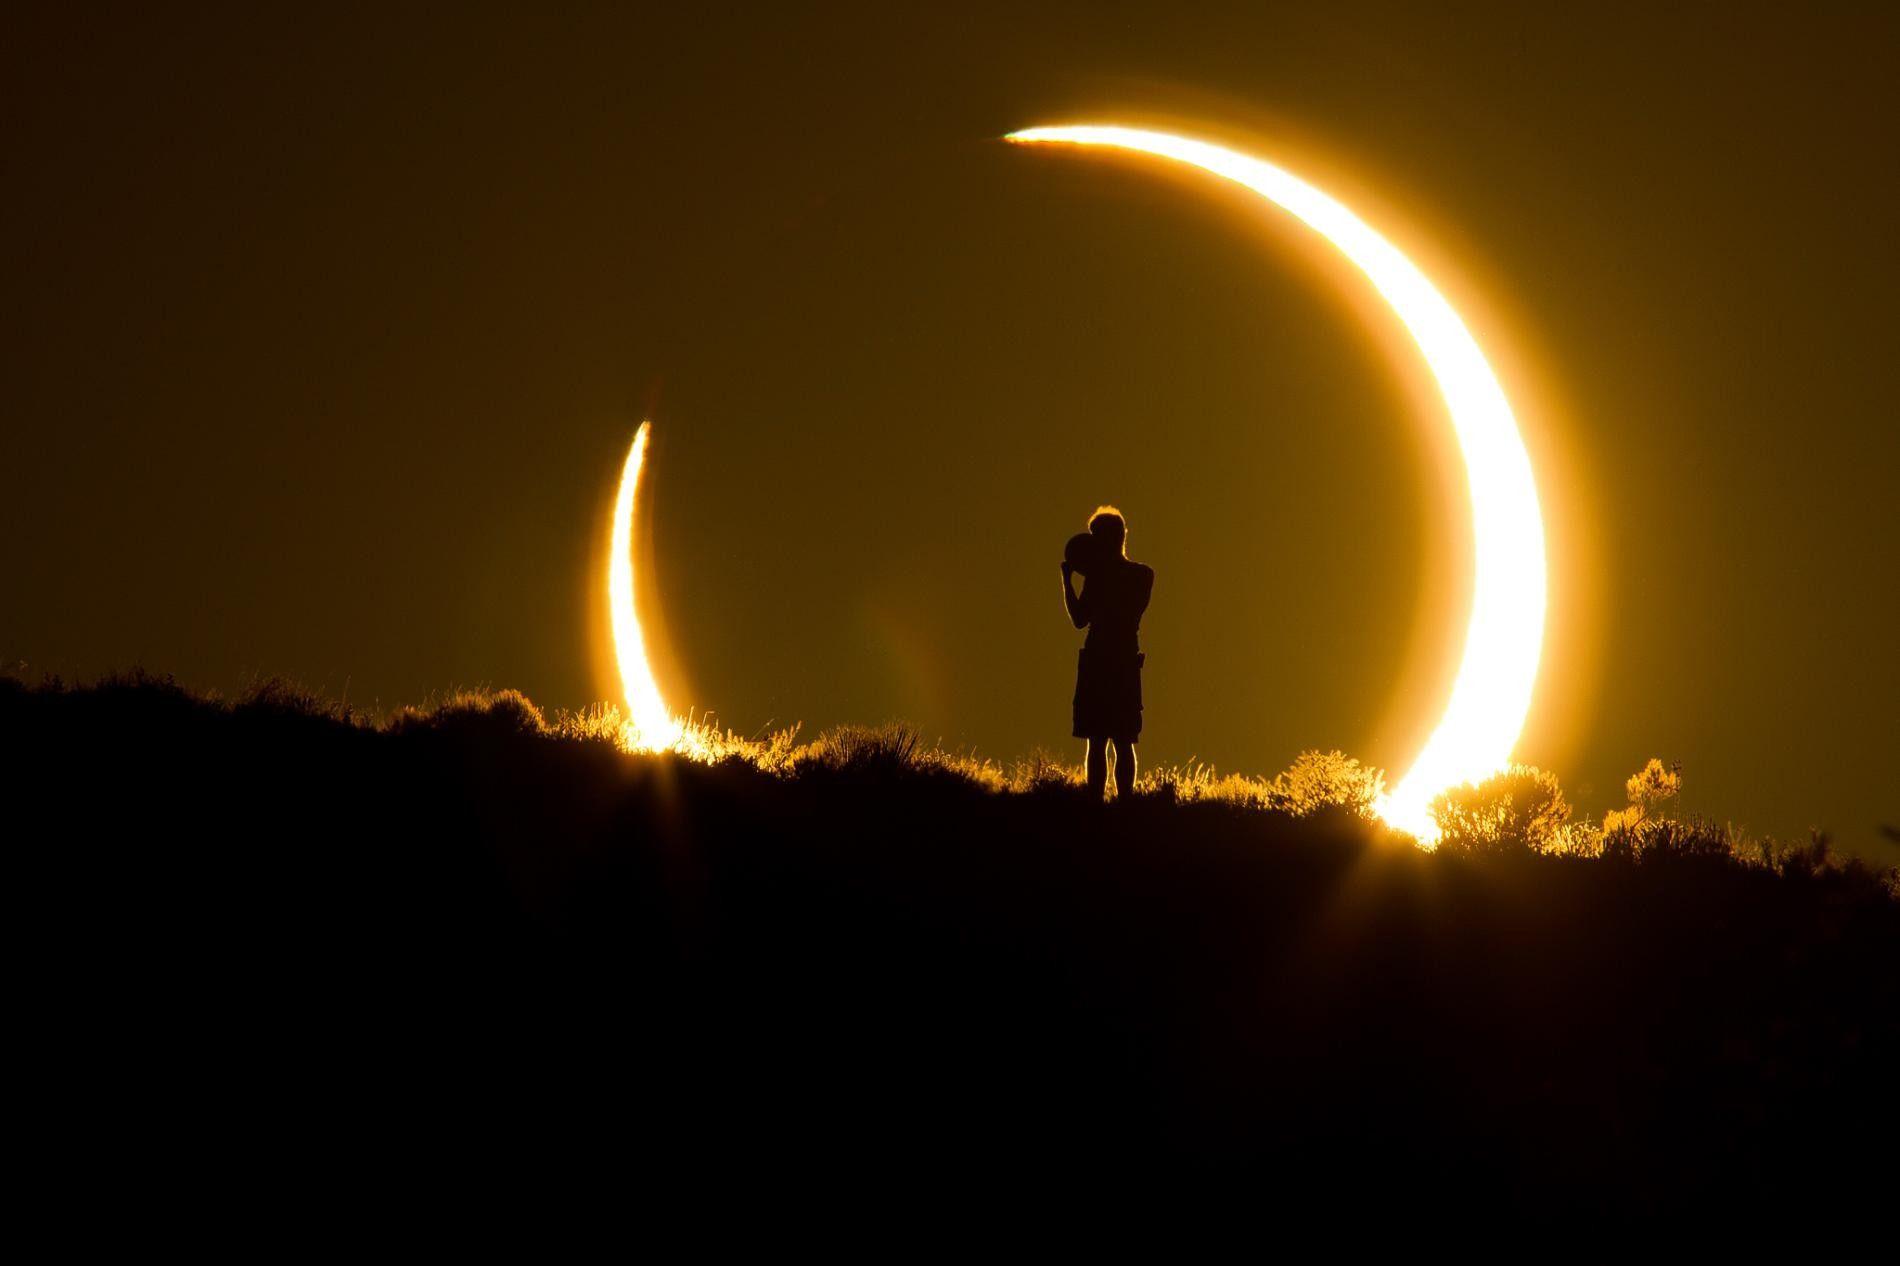 Les mythes et légendes accompagnent les éclipses solaires dans toutes les cultures. Ici, une éclipse solaire ...